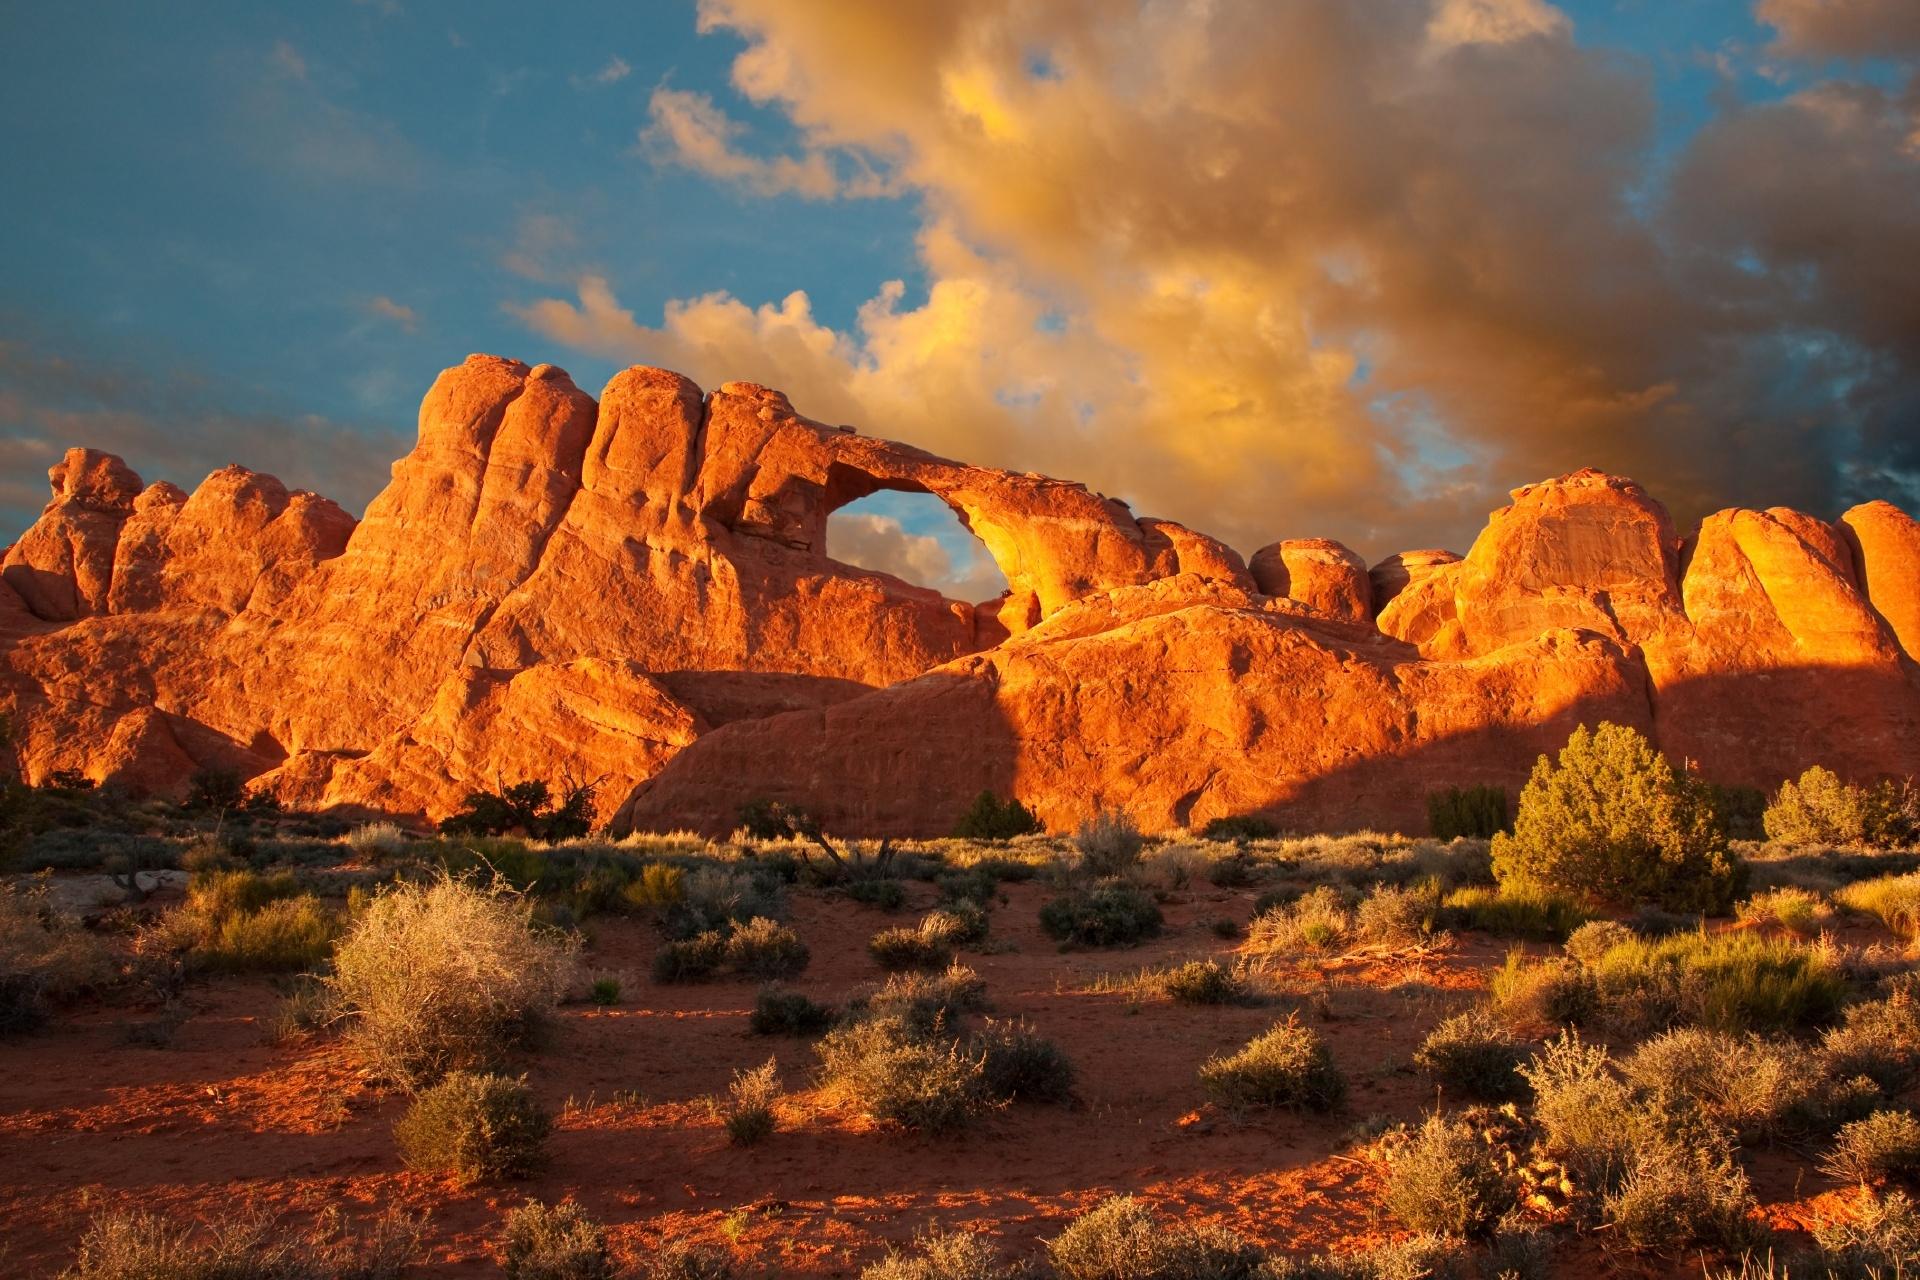 アーチーズ国立公園の日暮れの風景 アメリカの風景